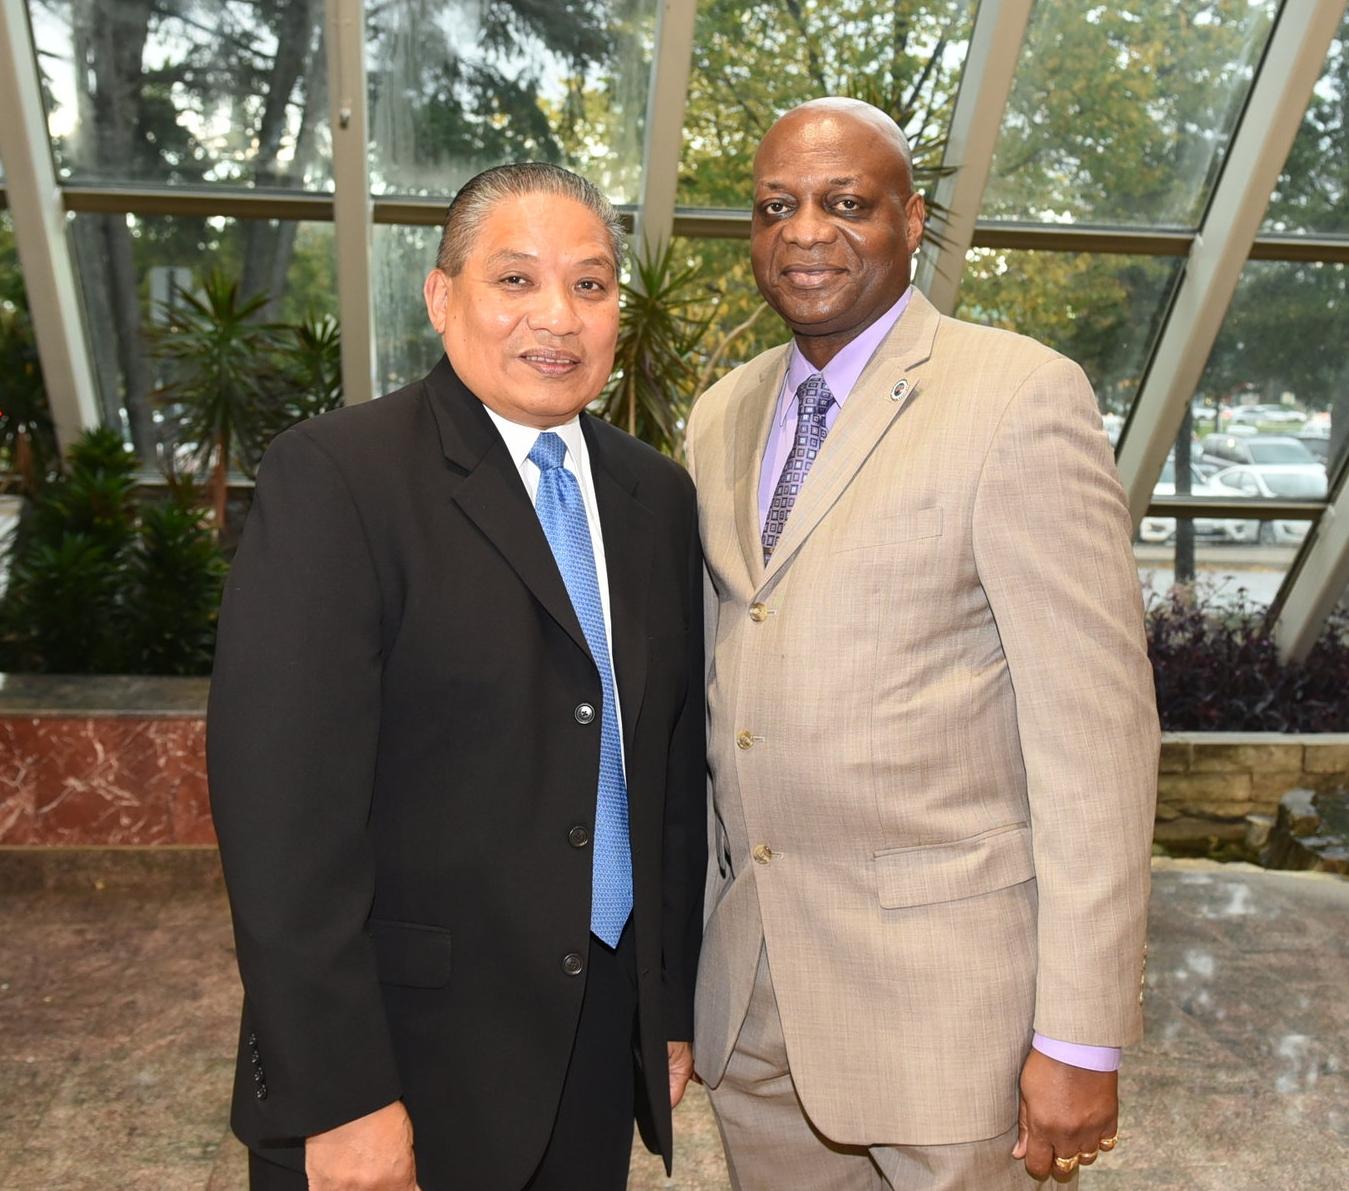 John Marshall (l) and ABLE president Kenton Chance